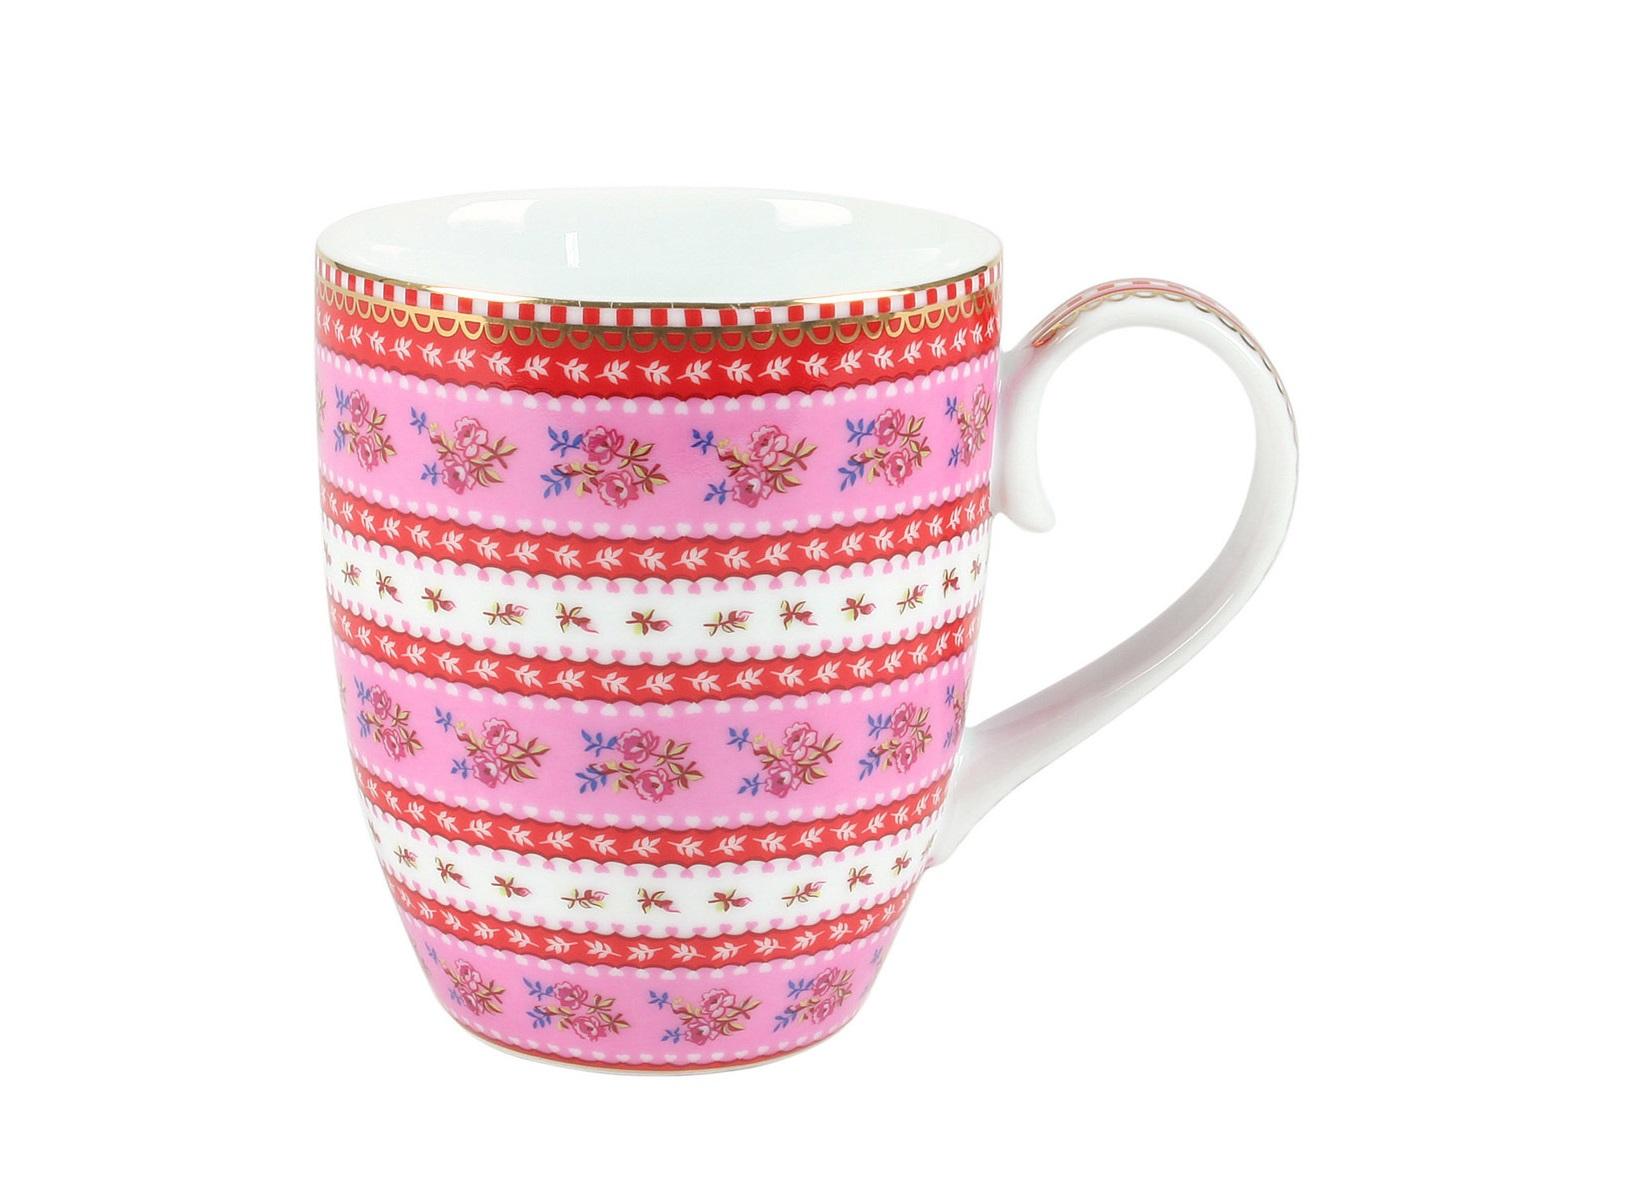 Набор больших кружек Floral Ribbon Rose (2шт)Чайные пары, чашки и кружки<br>Объём 350 мл. Не использовать в микроволновой печи. Не рекомендуется мыть в посудомоечной машине.<br><br>Material: Фарфор<br>Высота см: 10